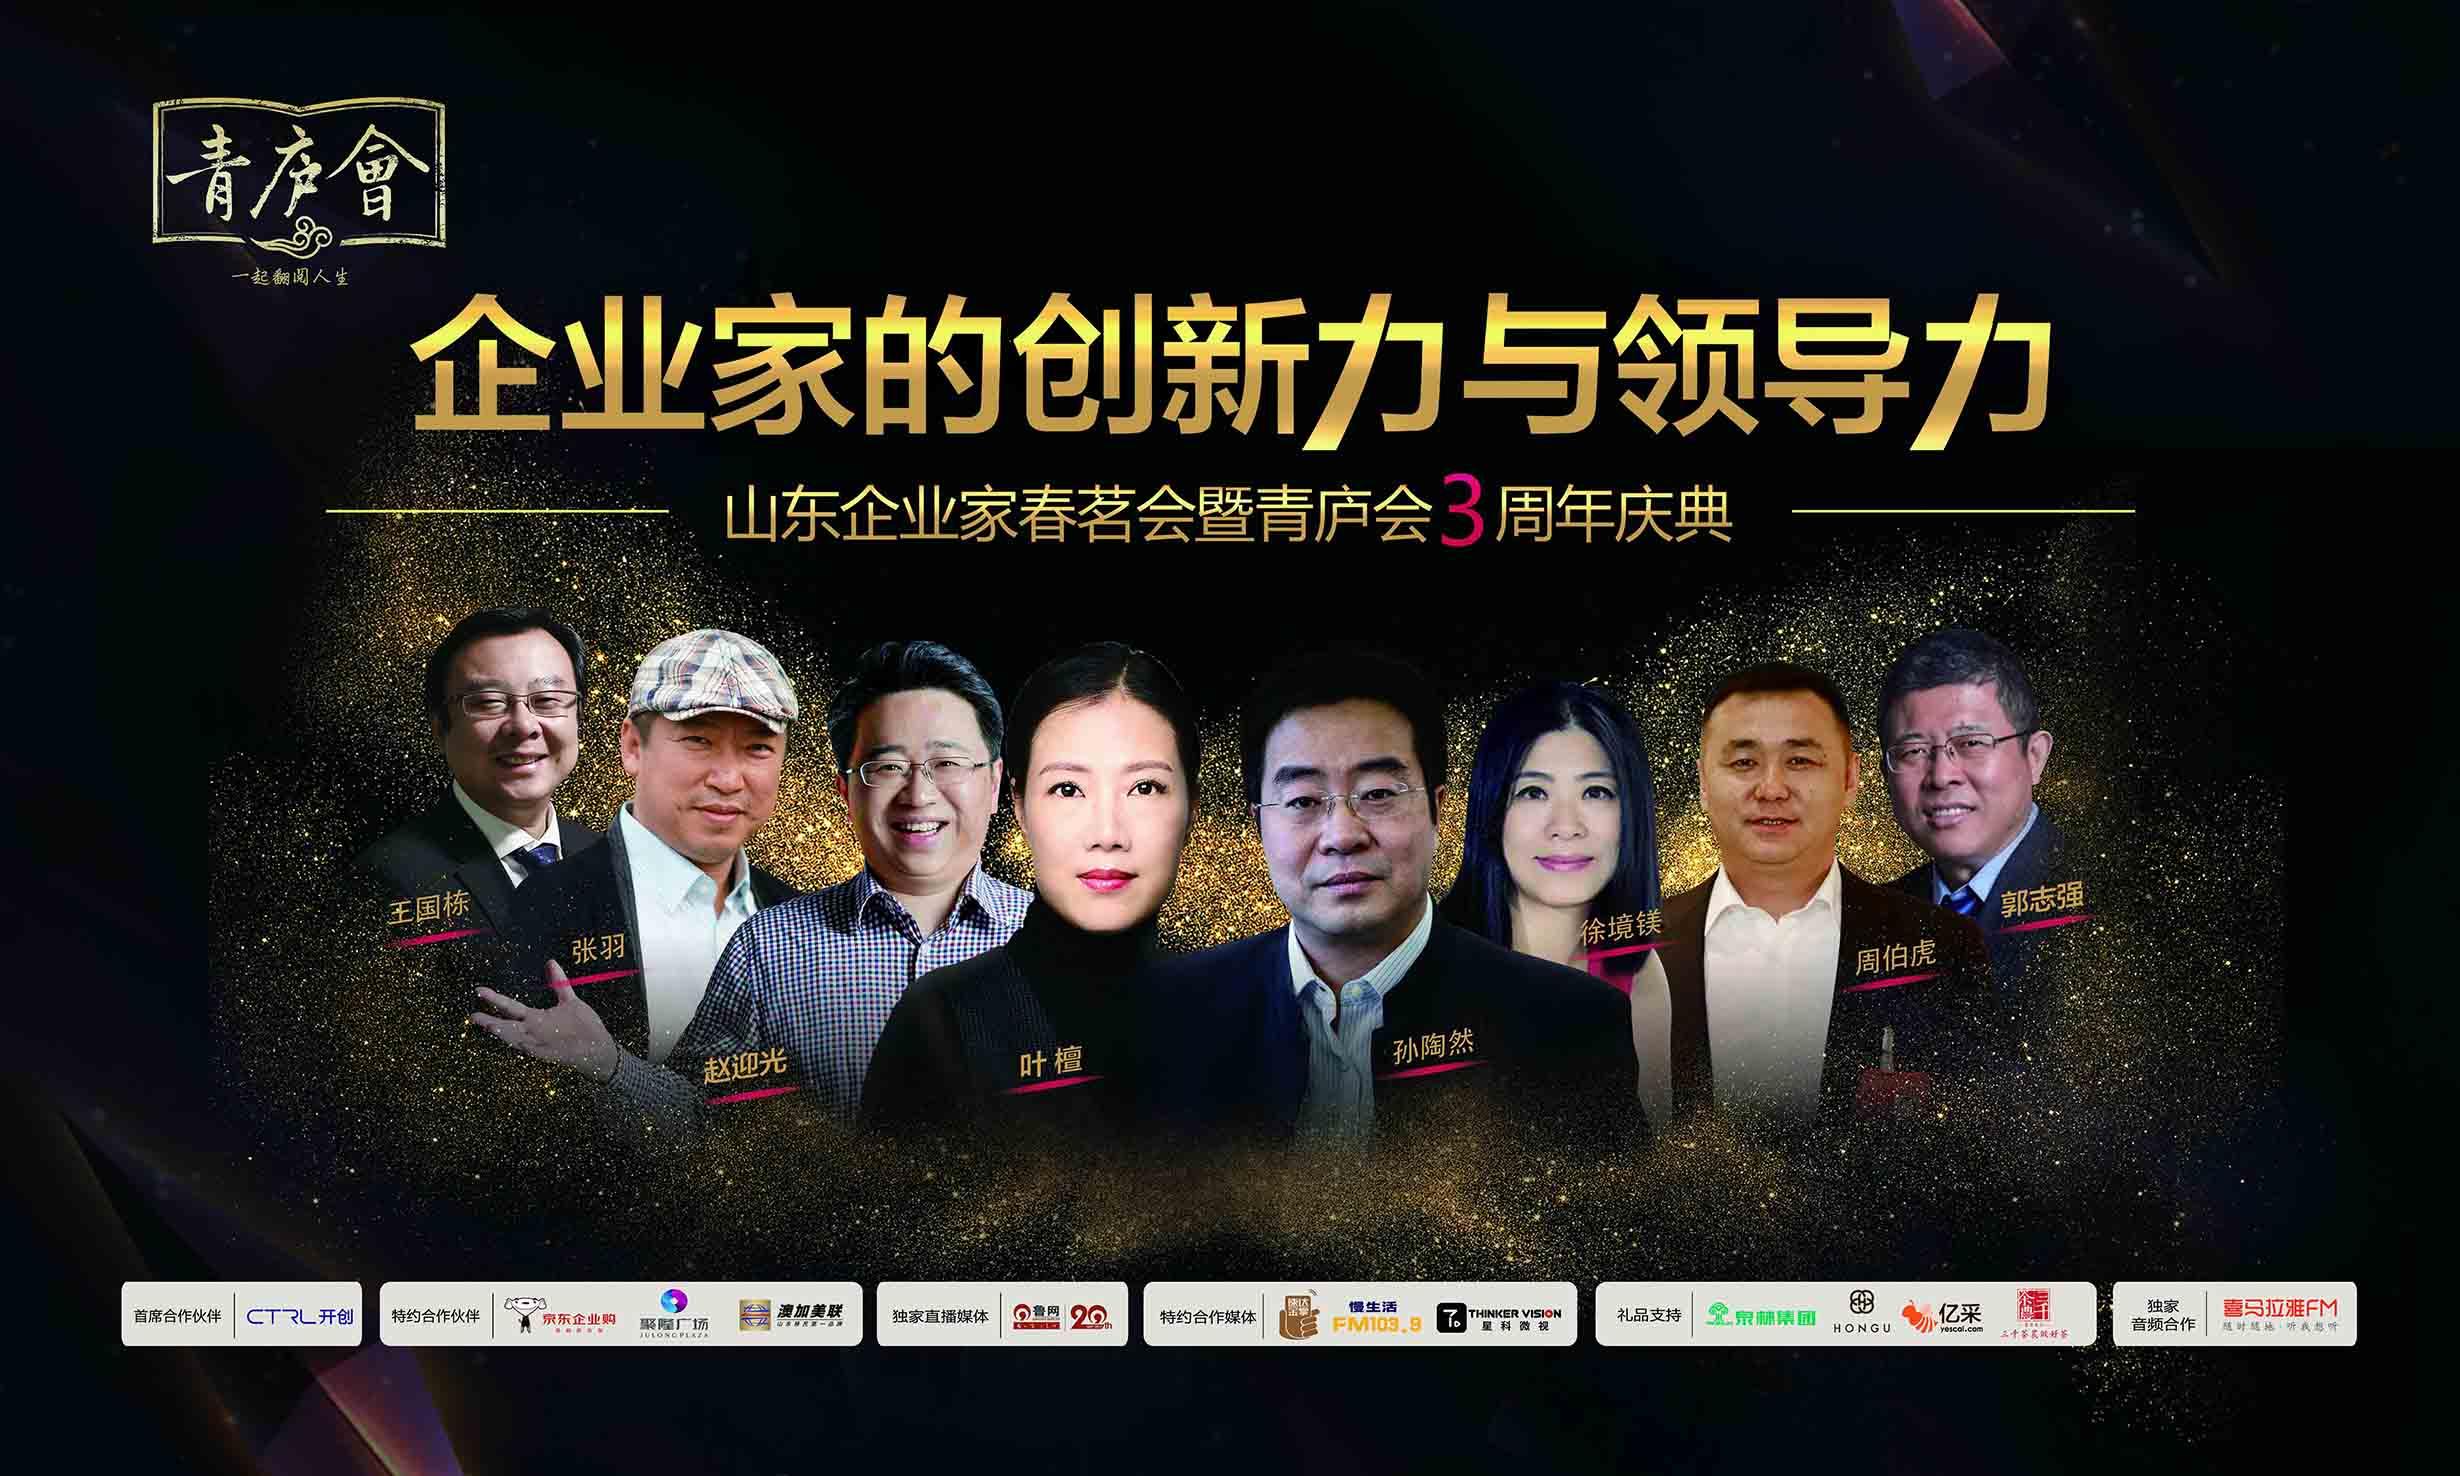 山东企业家青茗会暨青庐会3周年庆典